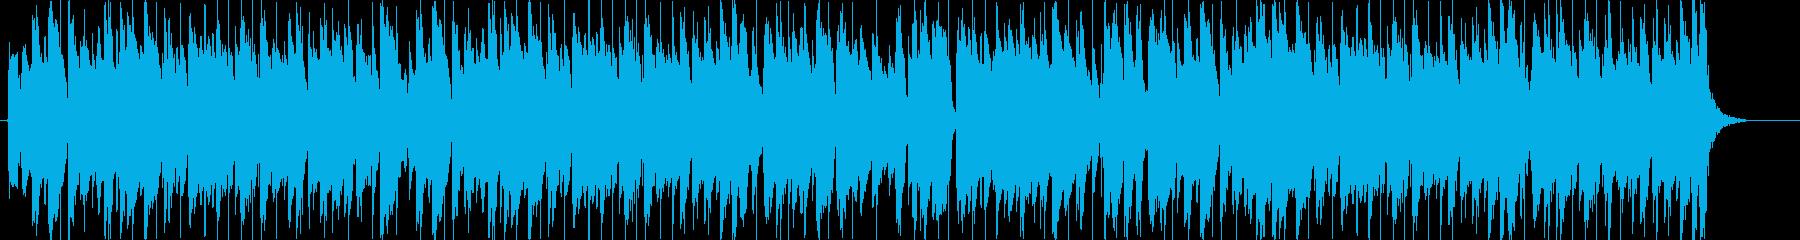 エレクトロニック アクション 感情...の再生済みの波形